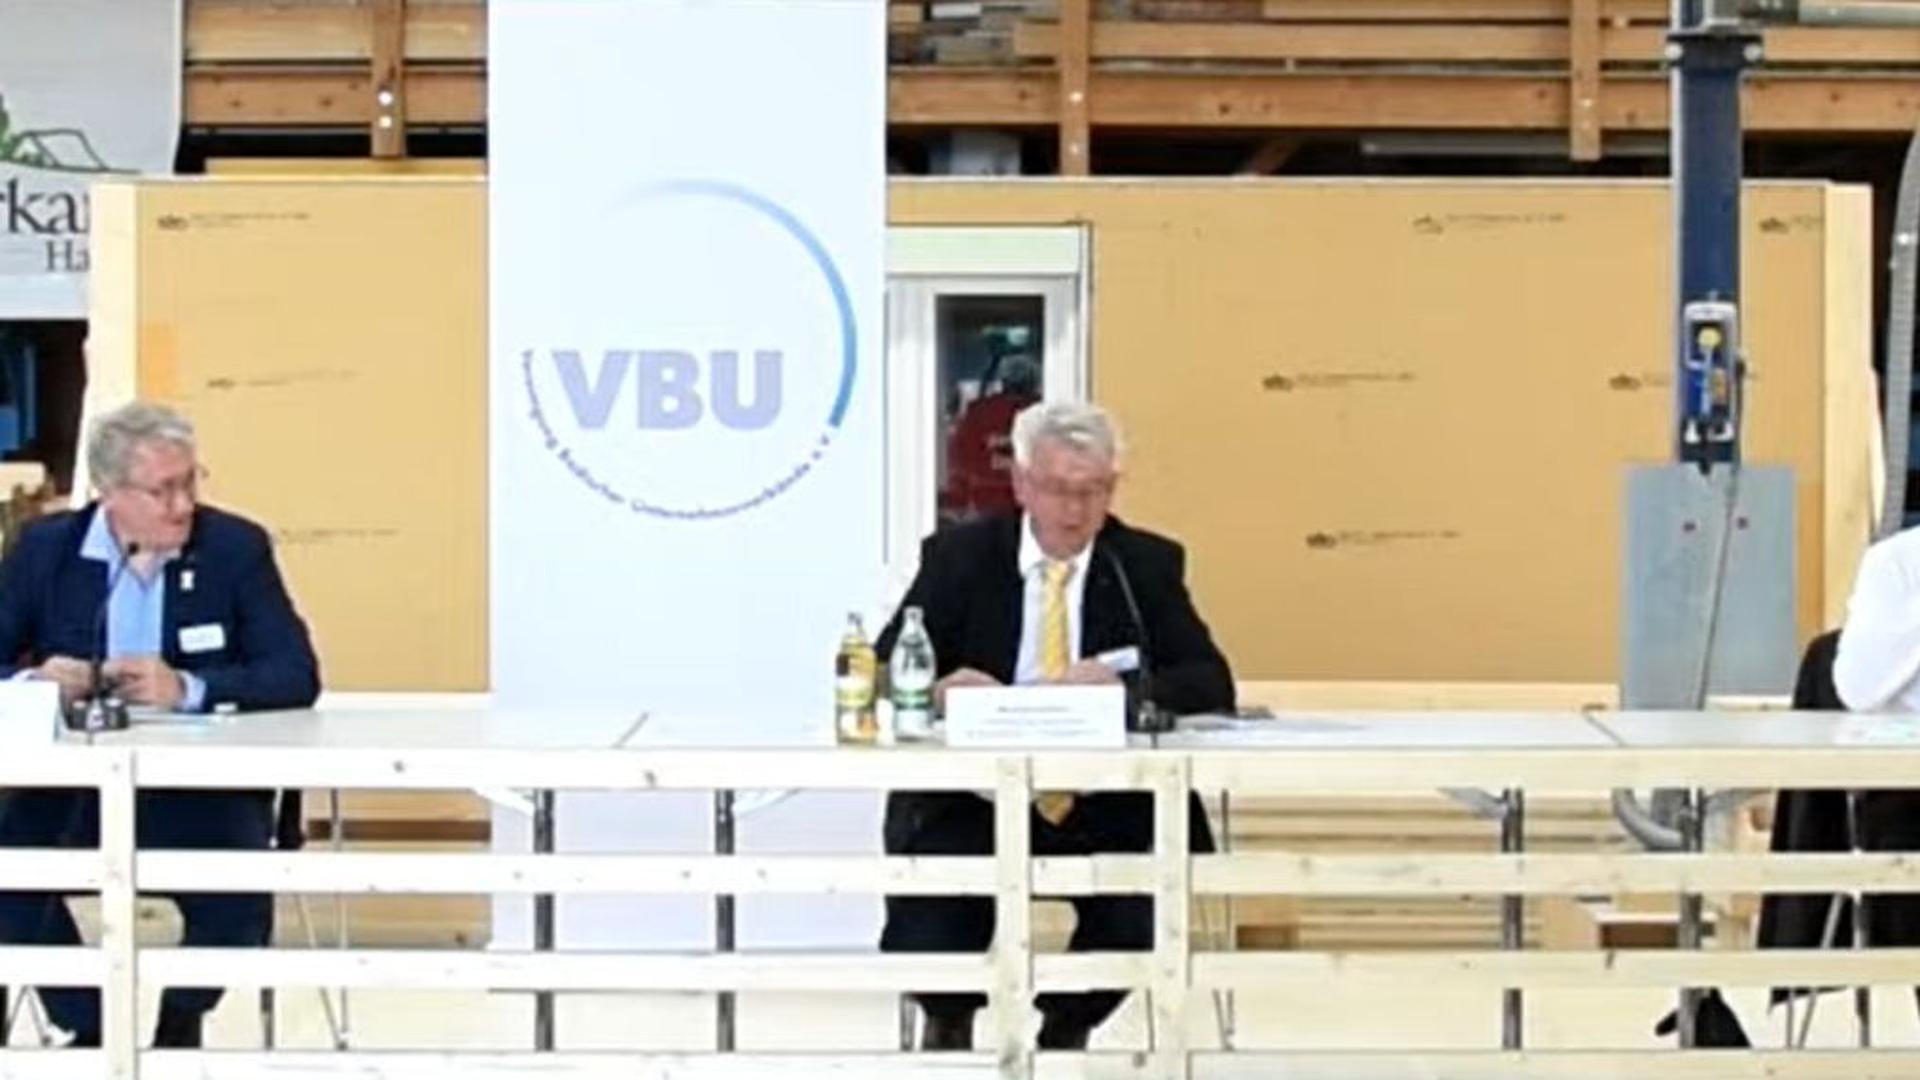 Debatte mit Abstand: In den Räumen der Firma Burkart Haus in Renchen diskutierten Martin Gassner-Herz (FDP), Matthias Katsch (SPD), VBU-Geschäftsführer Michael Hafner, Johannes Rothenberger (CDU) und Thomas Zawalski (Grüne).